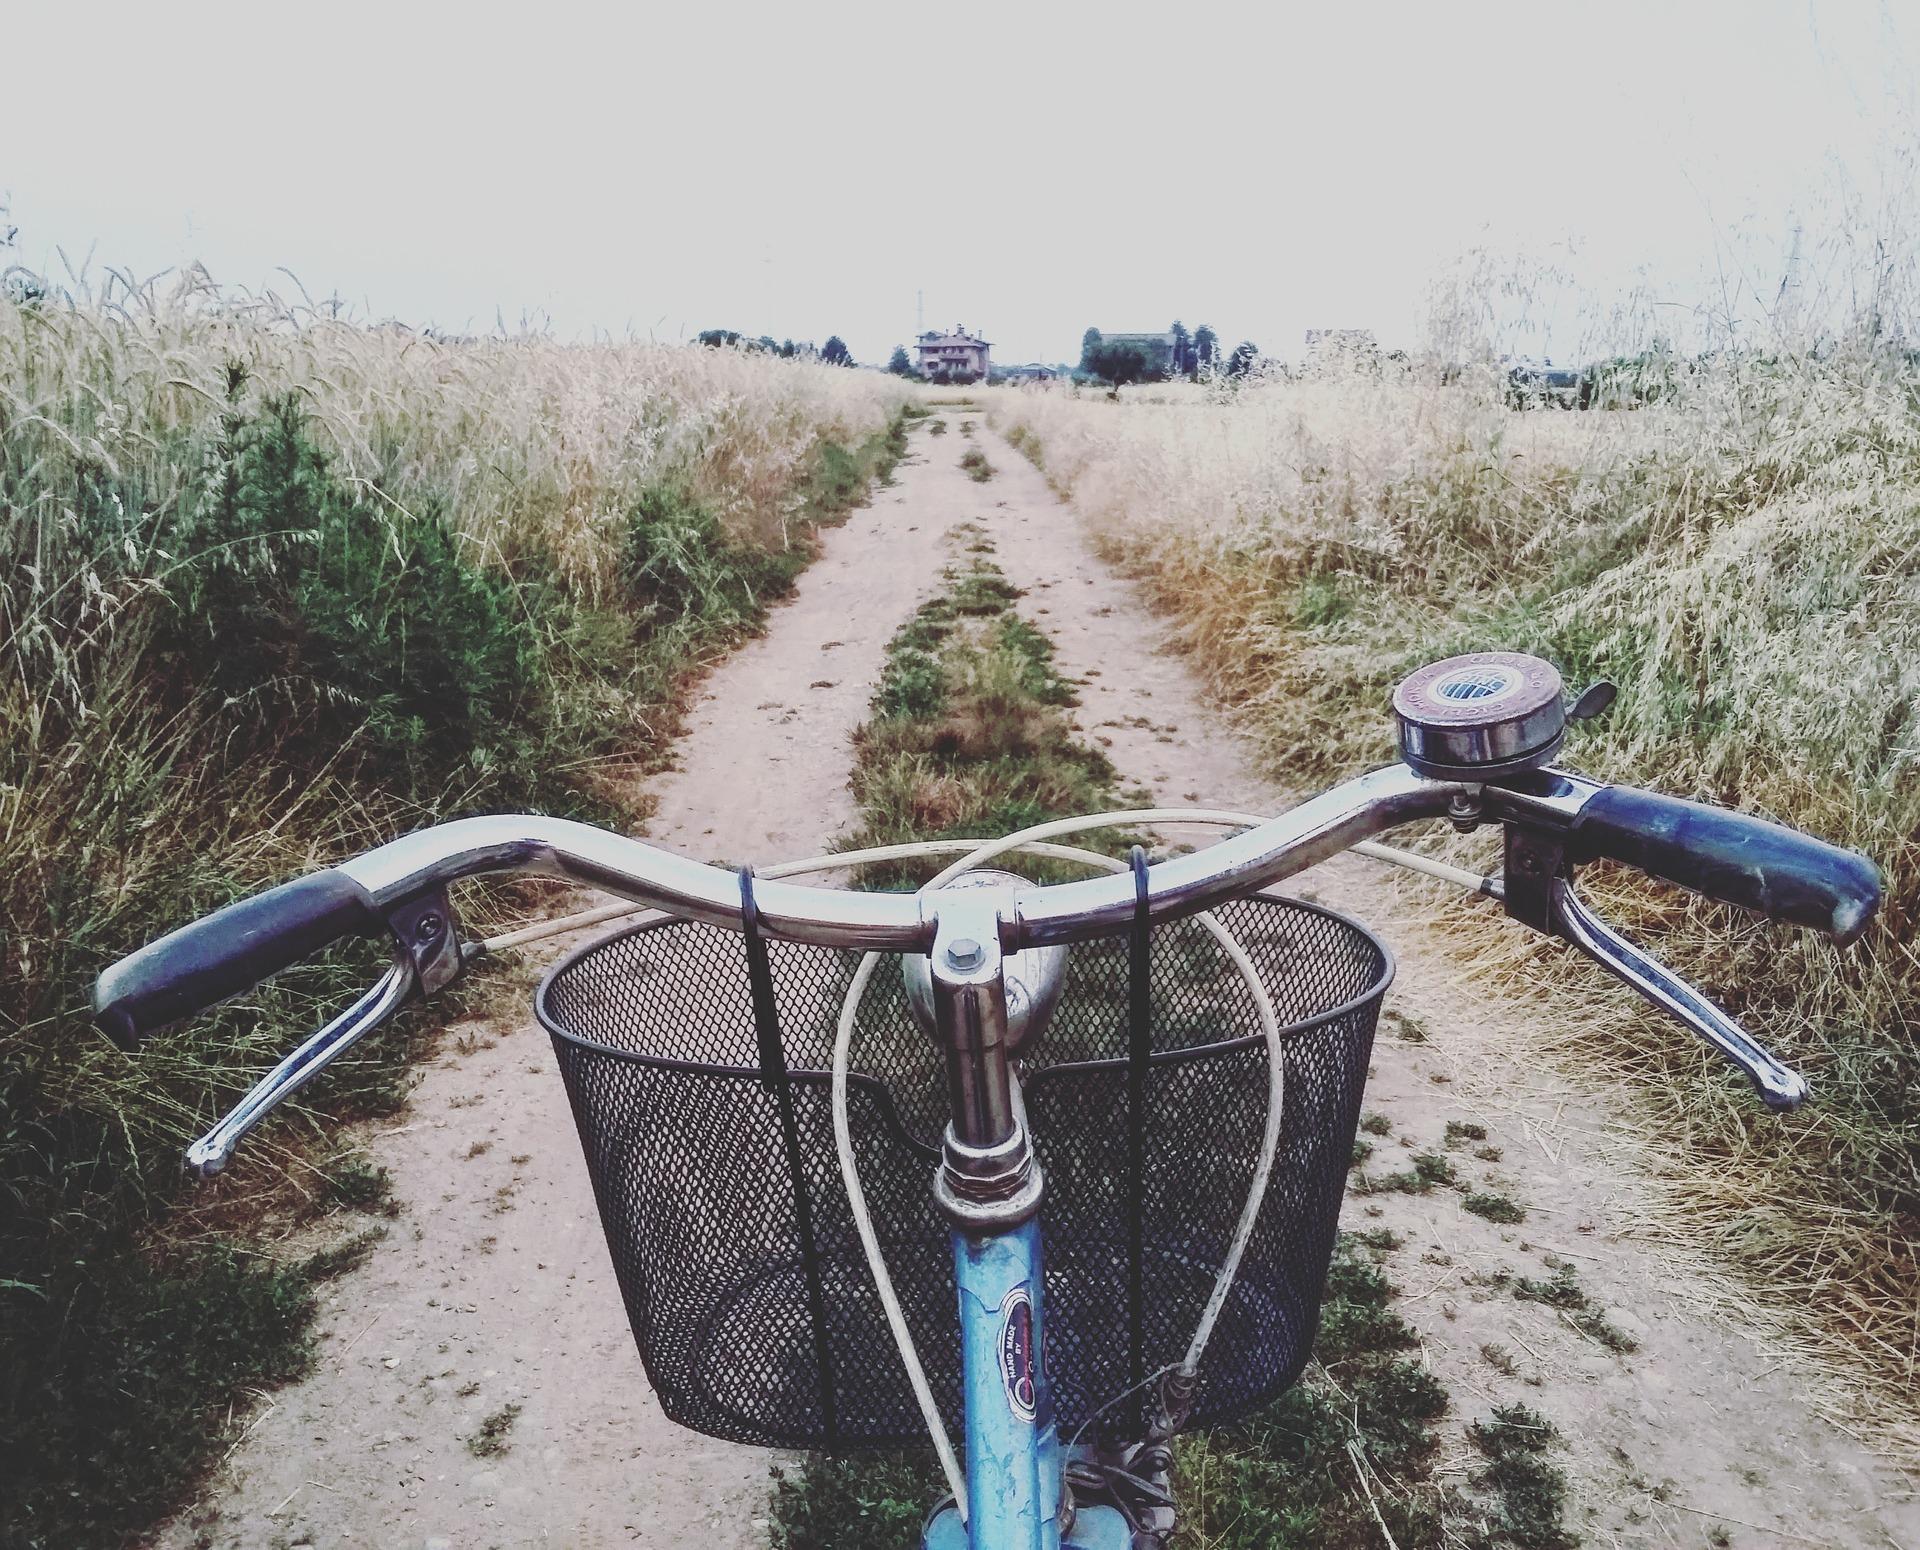 Samedi 25 juillet - Fête du vélo